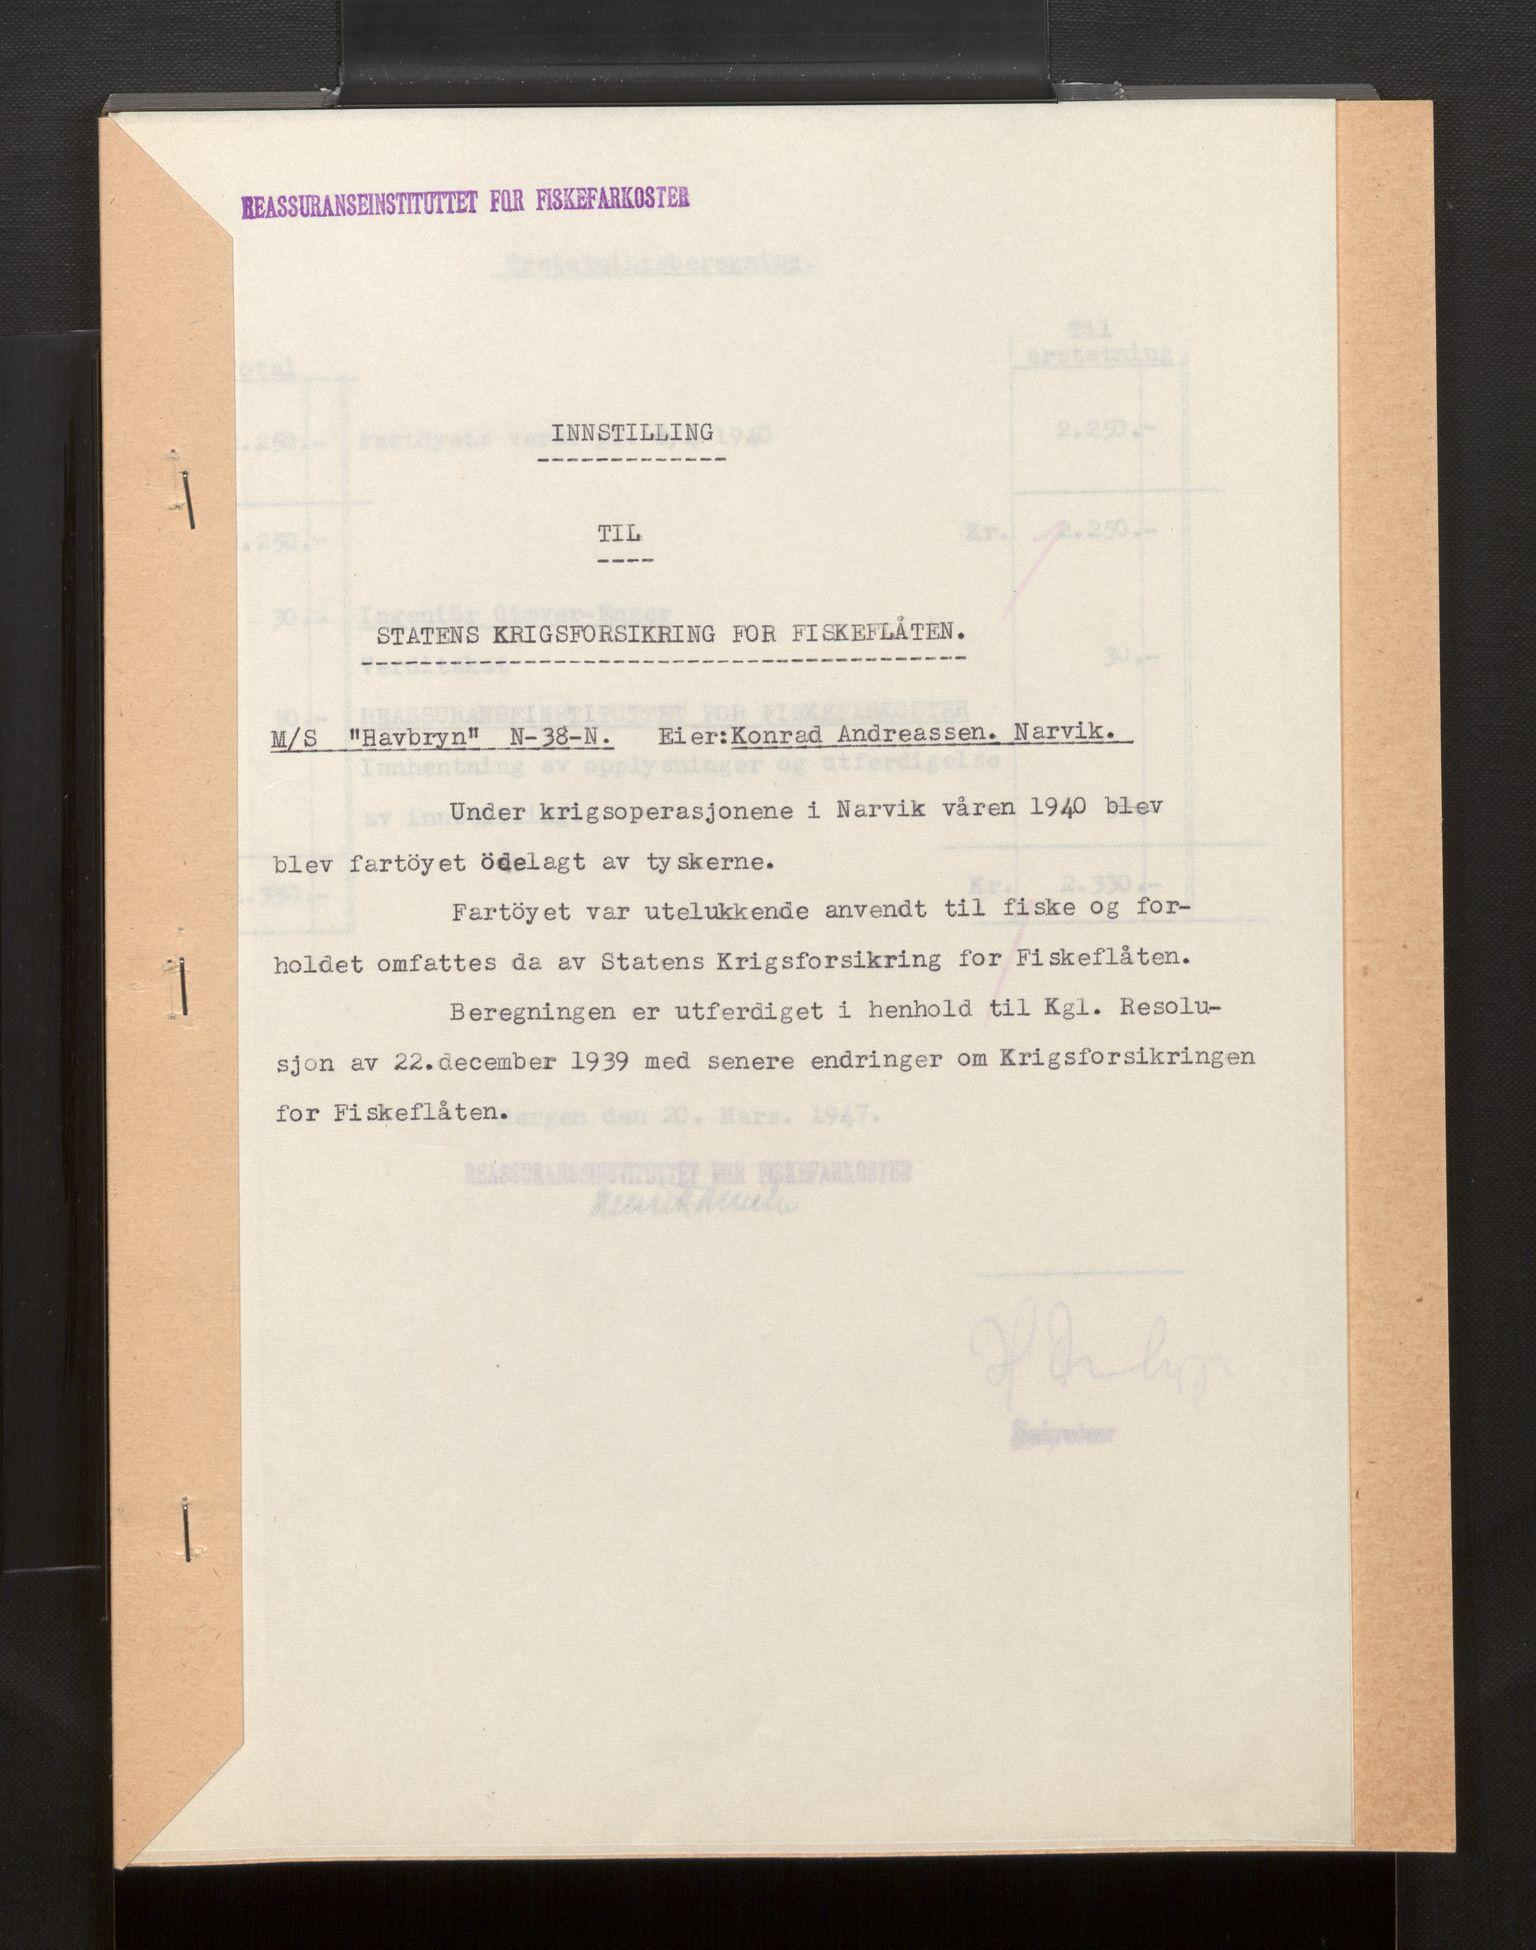 SAB, Fiskeridirektoratet - 1 Adm. ledelse - 13 Båtkontoret, La/L0042: Statens krigsforsikring for fiskeflåten, 1936-1971, s. 716